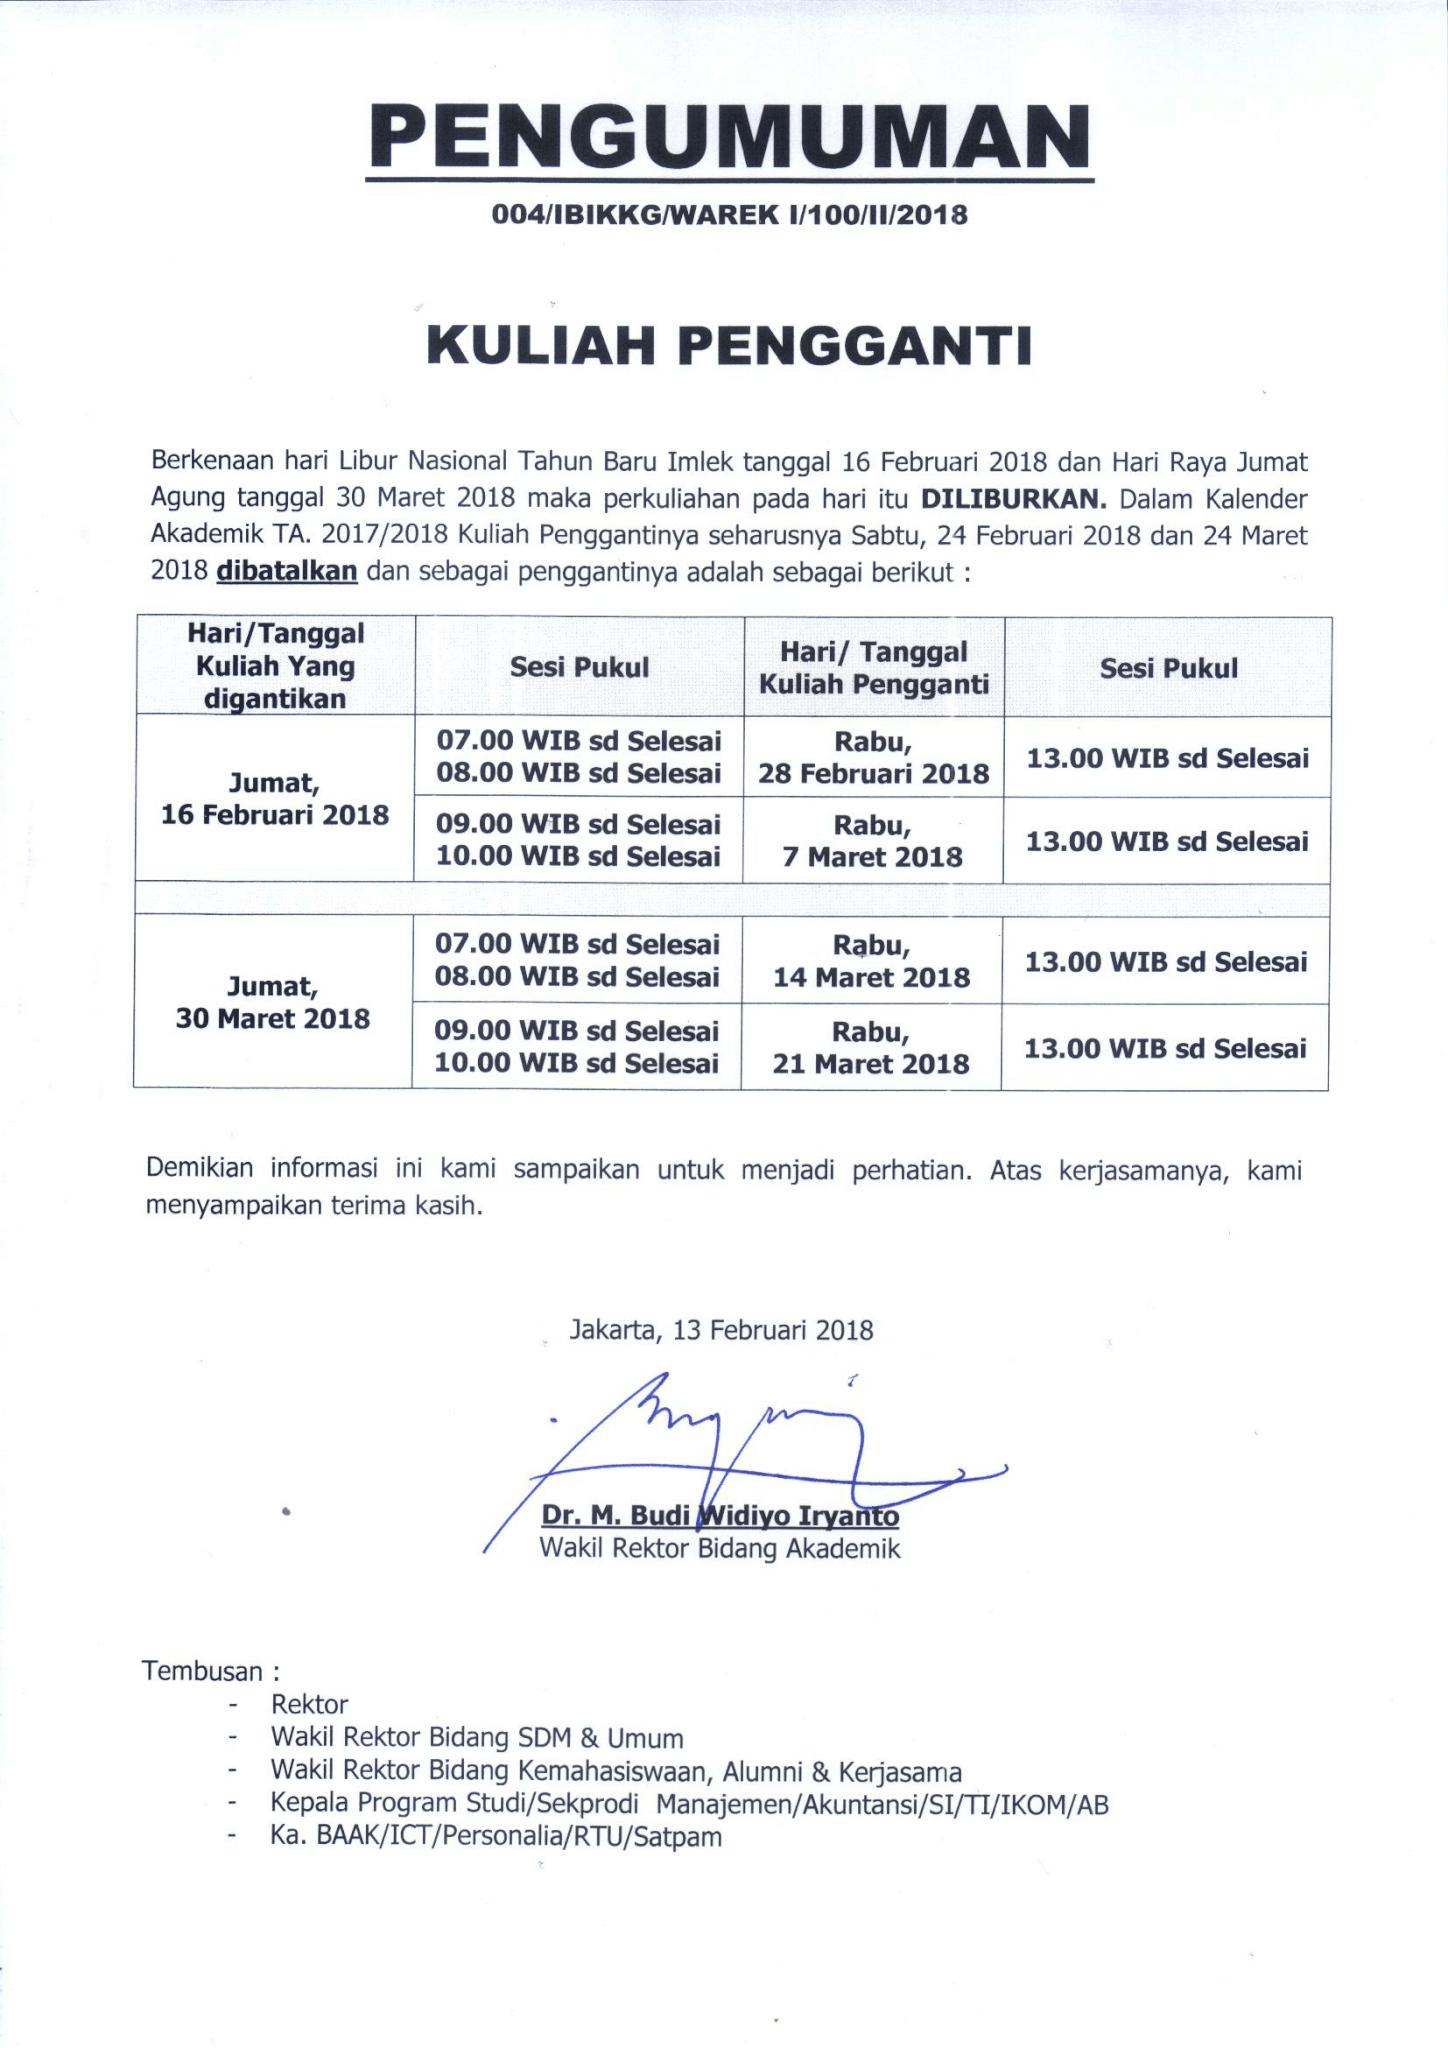 KP Imlek dan Jumat Agung 2018-1